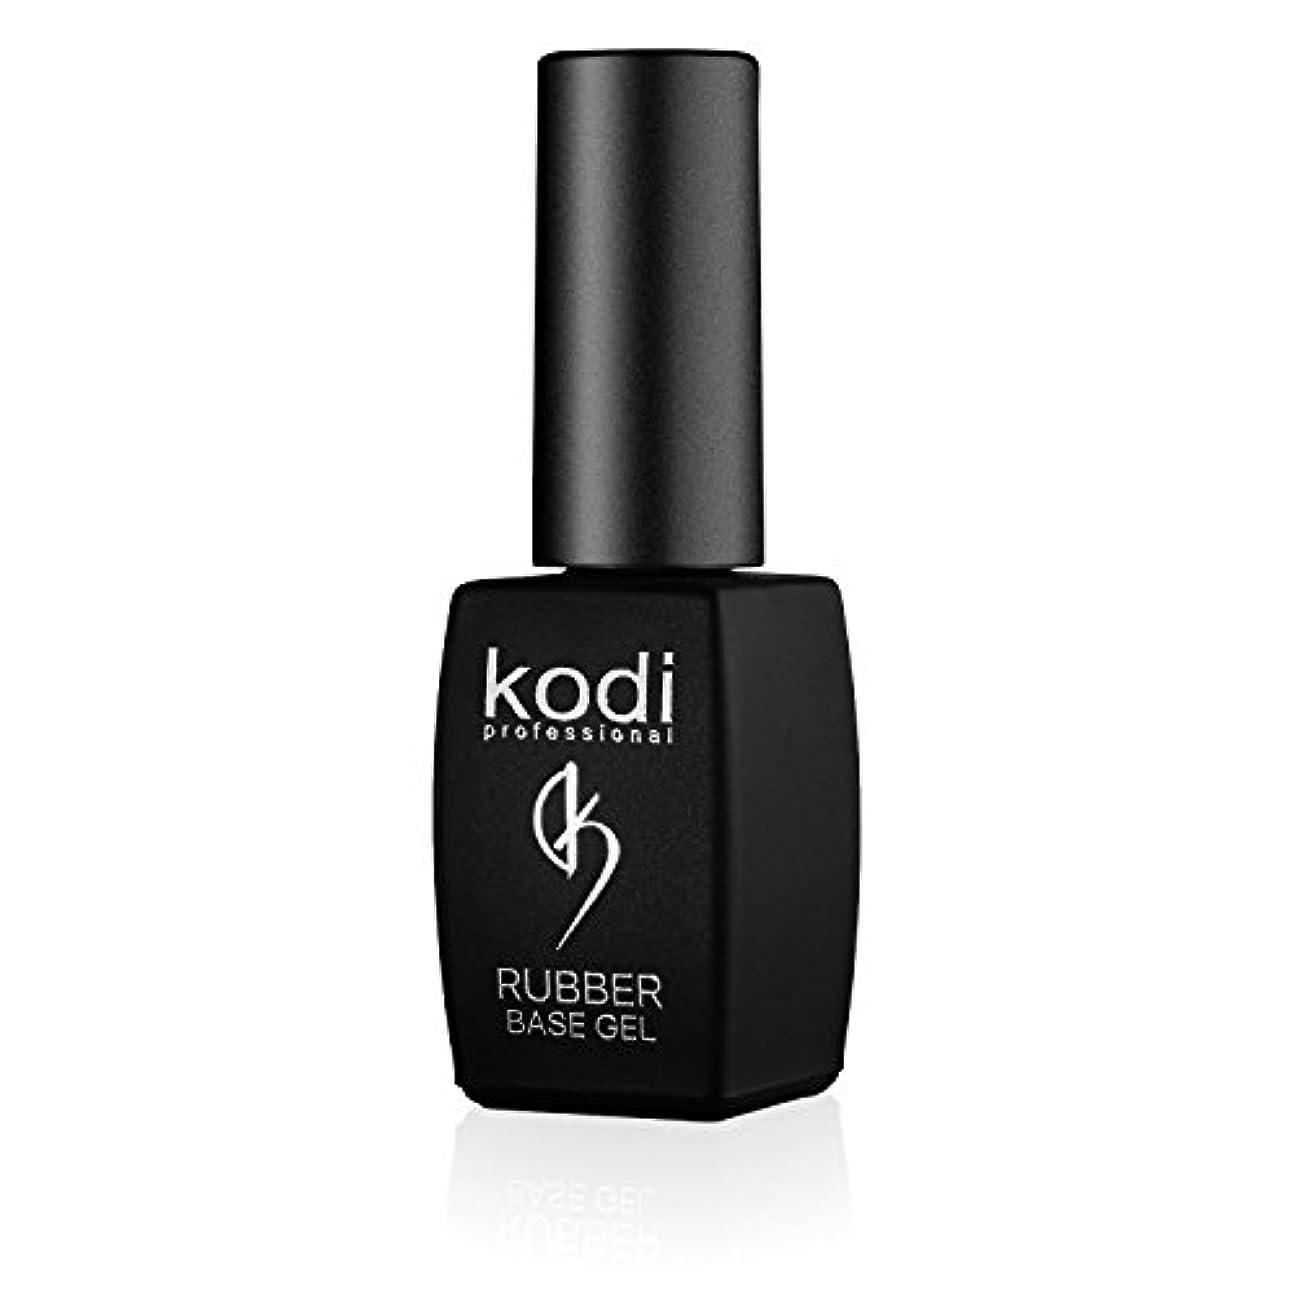 うそつきアンタゴニストサミュエルProfessional Rubber Base Gel By Kodi | 8ml 0.27 oz | Soak Off, Polish Fingernails Coat Gel | For Long Lasting...